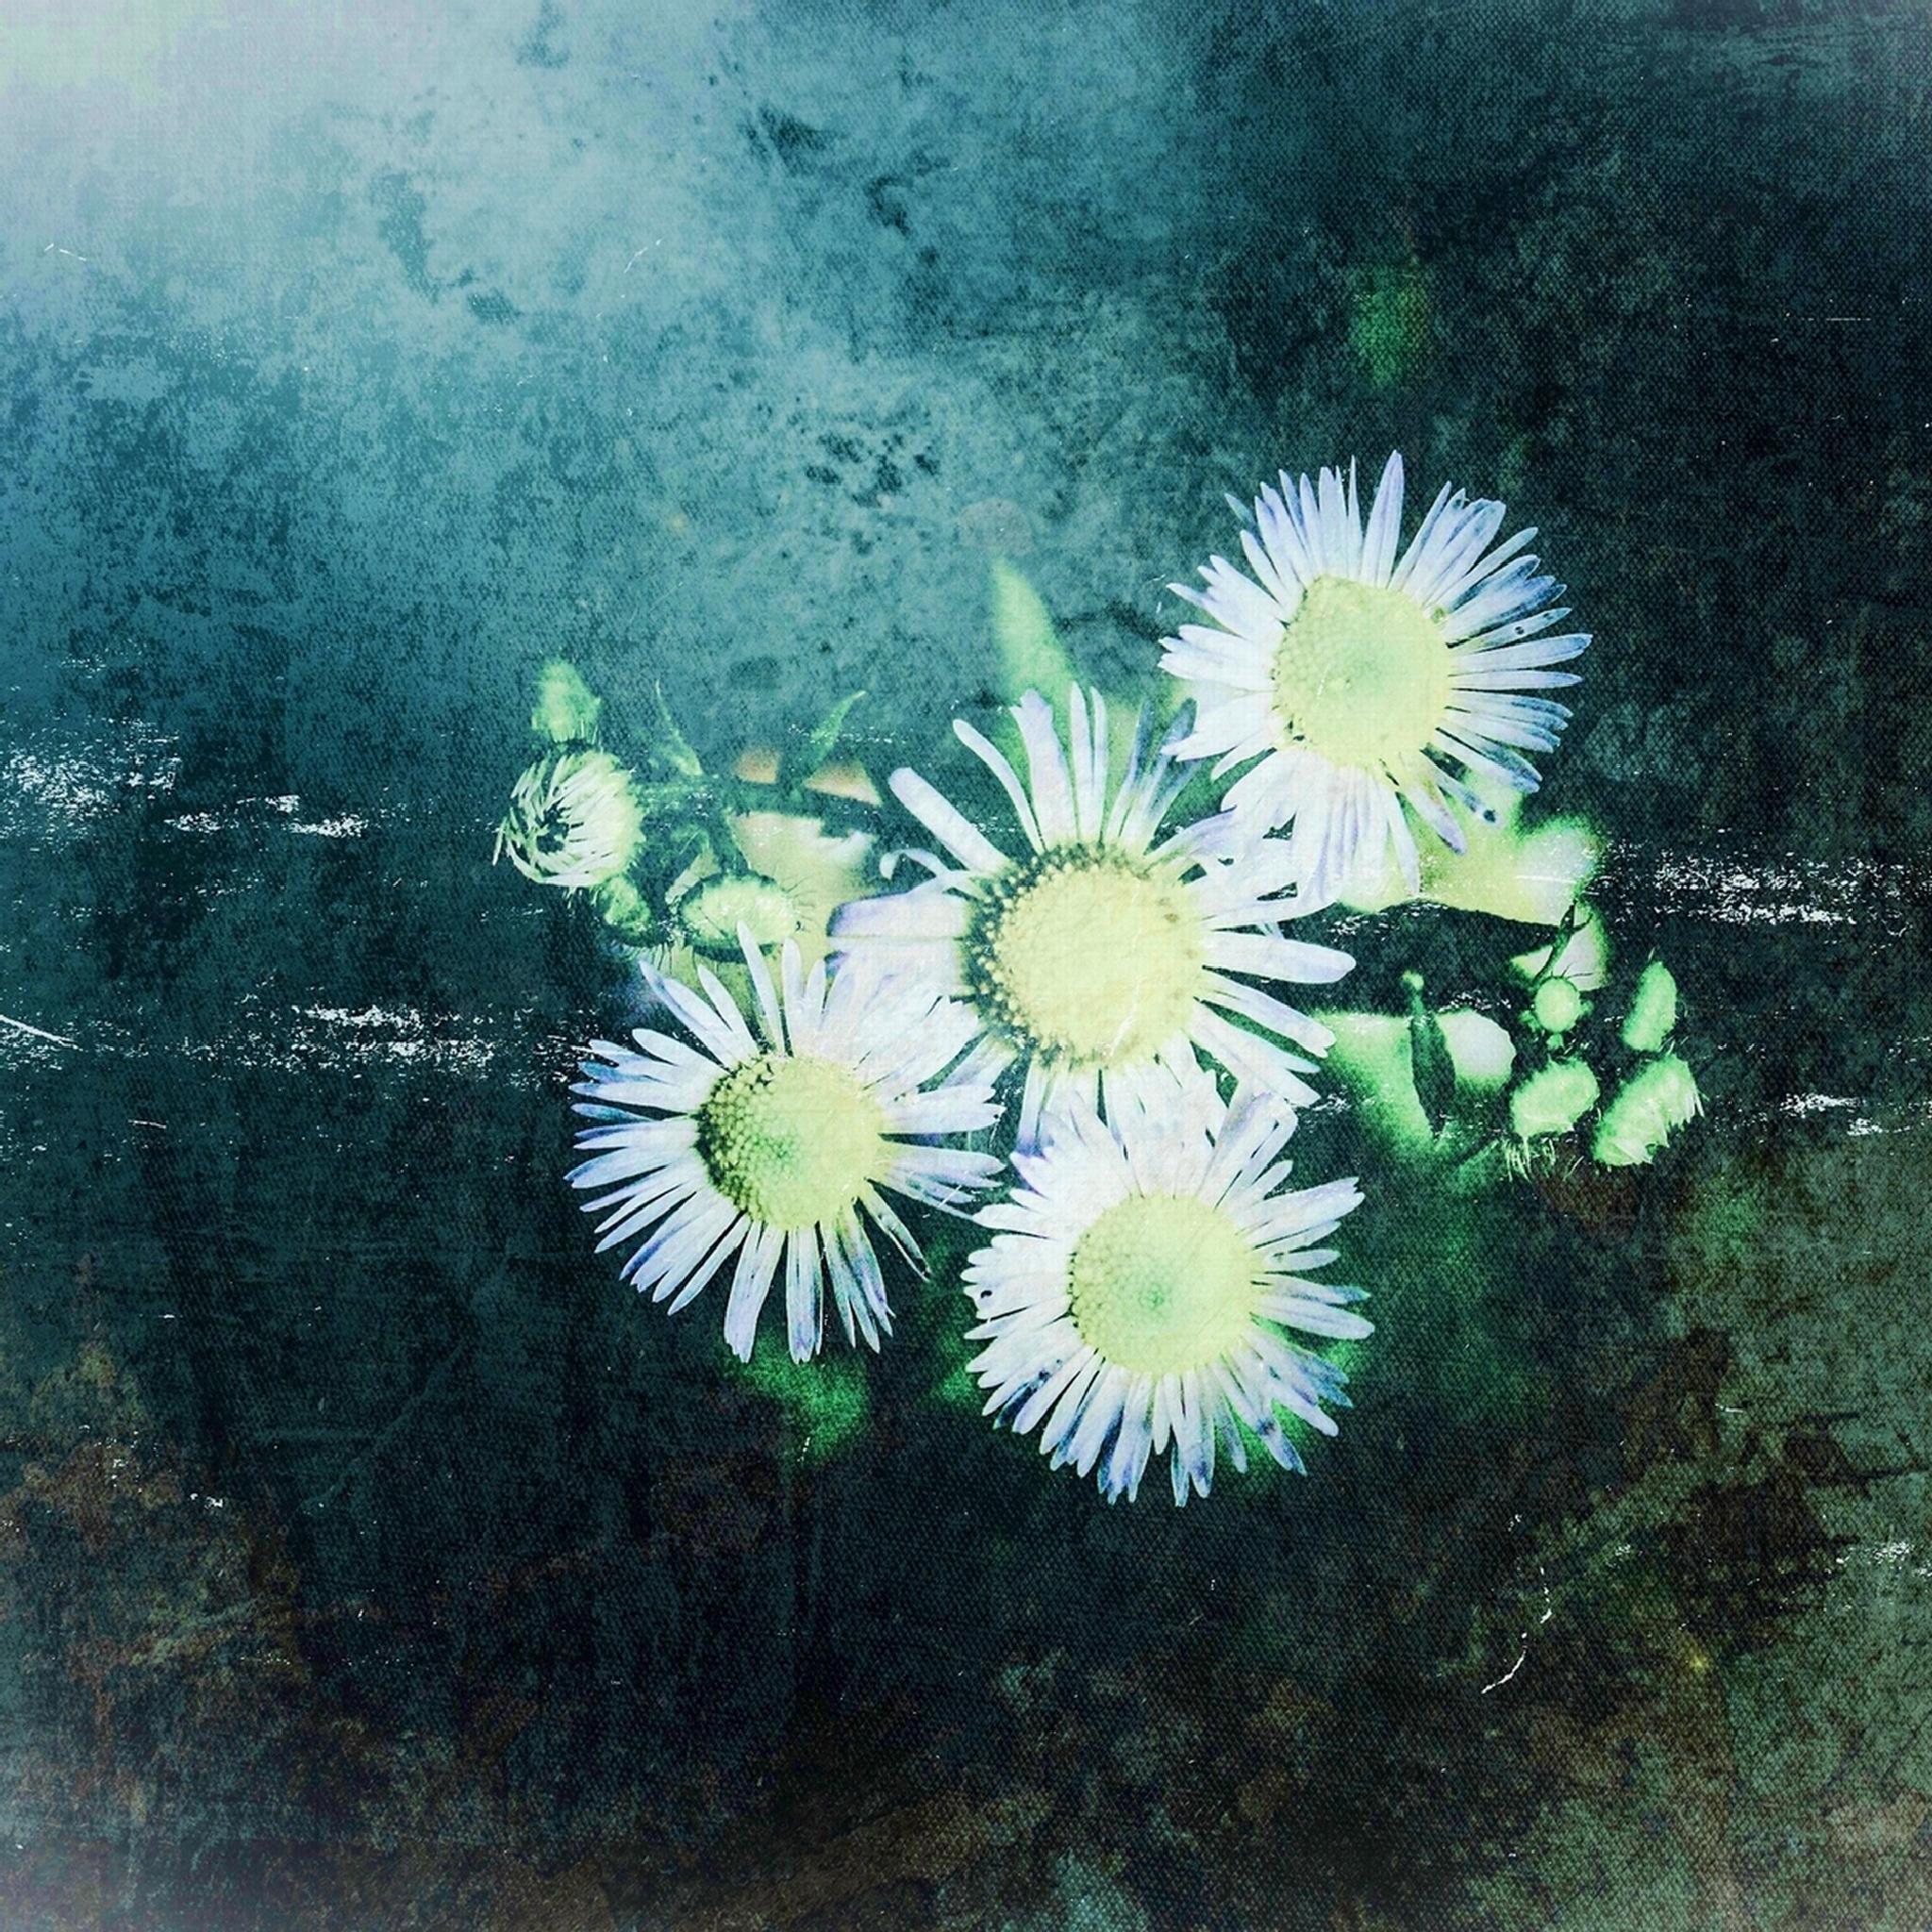 Weed. by Tomoya Yamaguchi